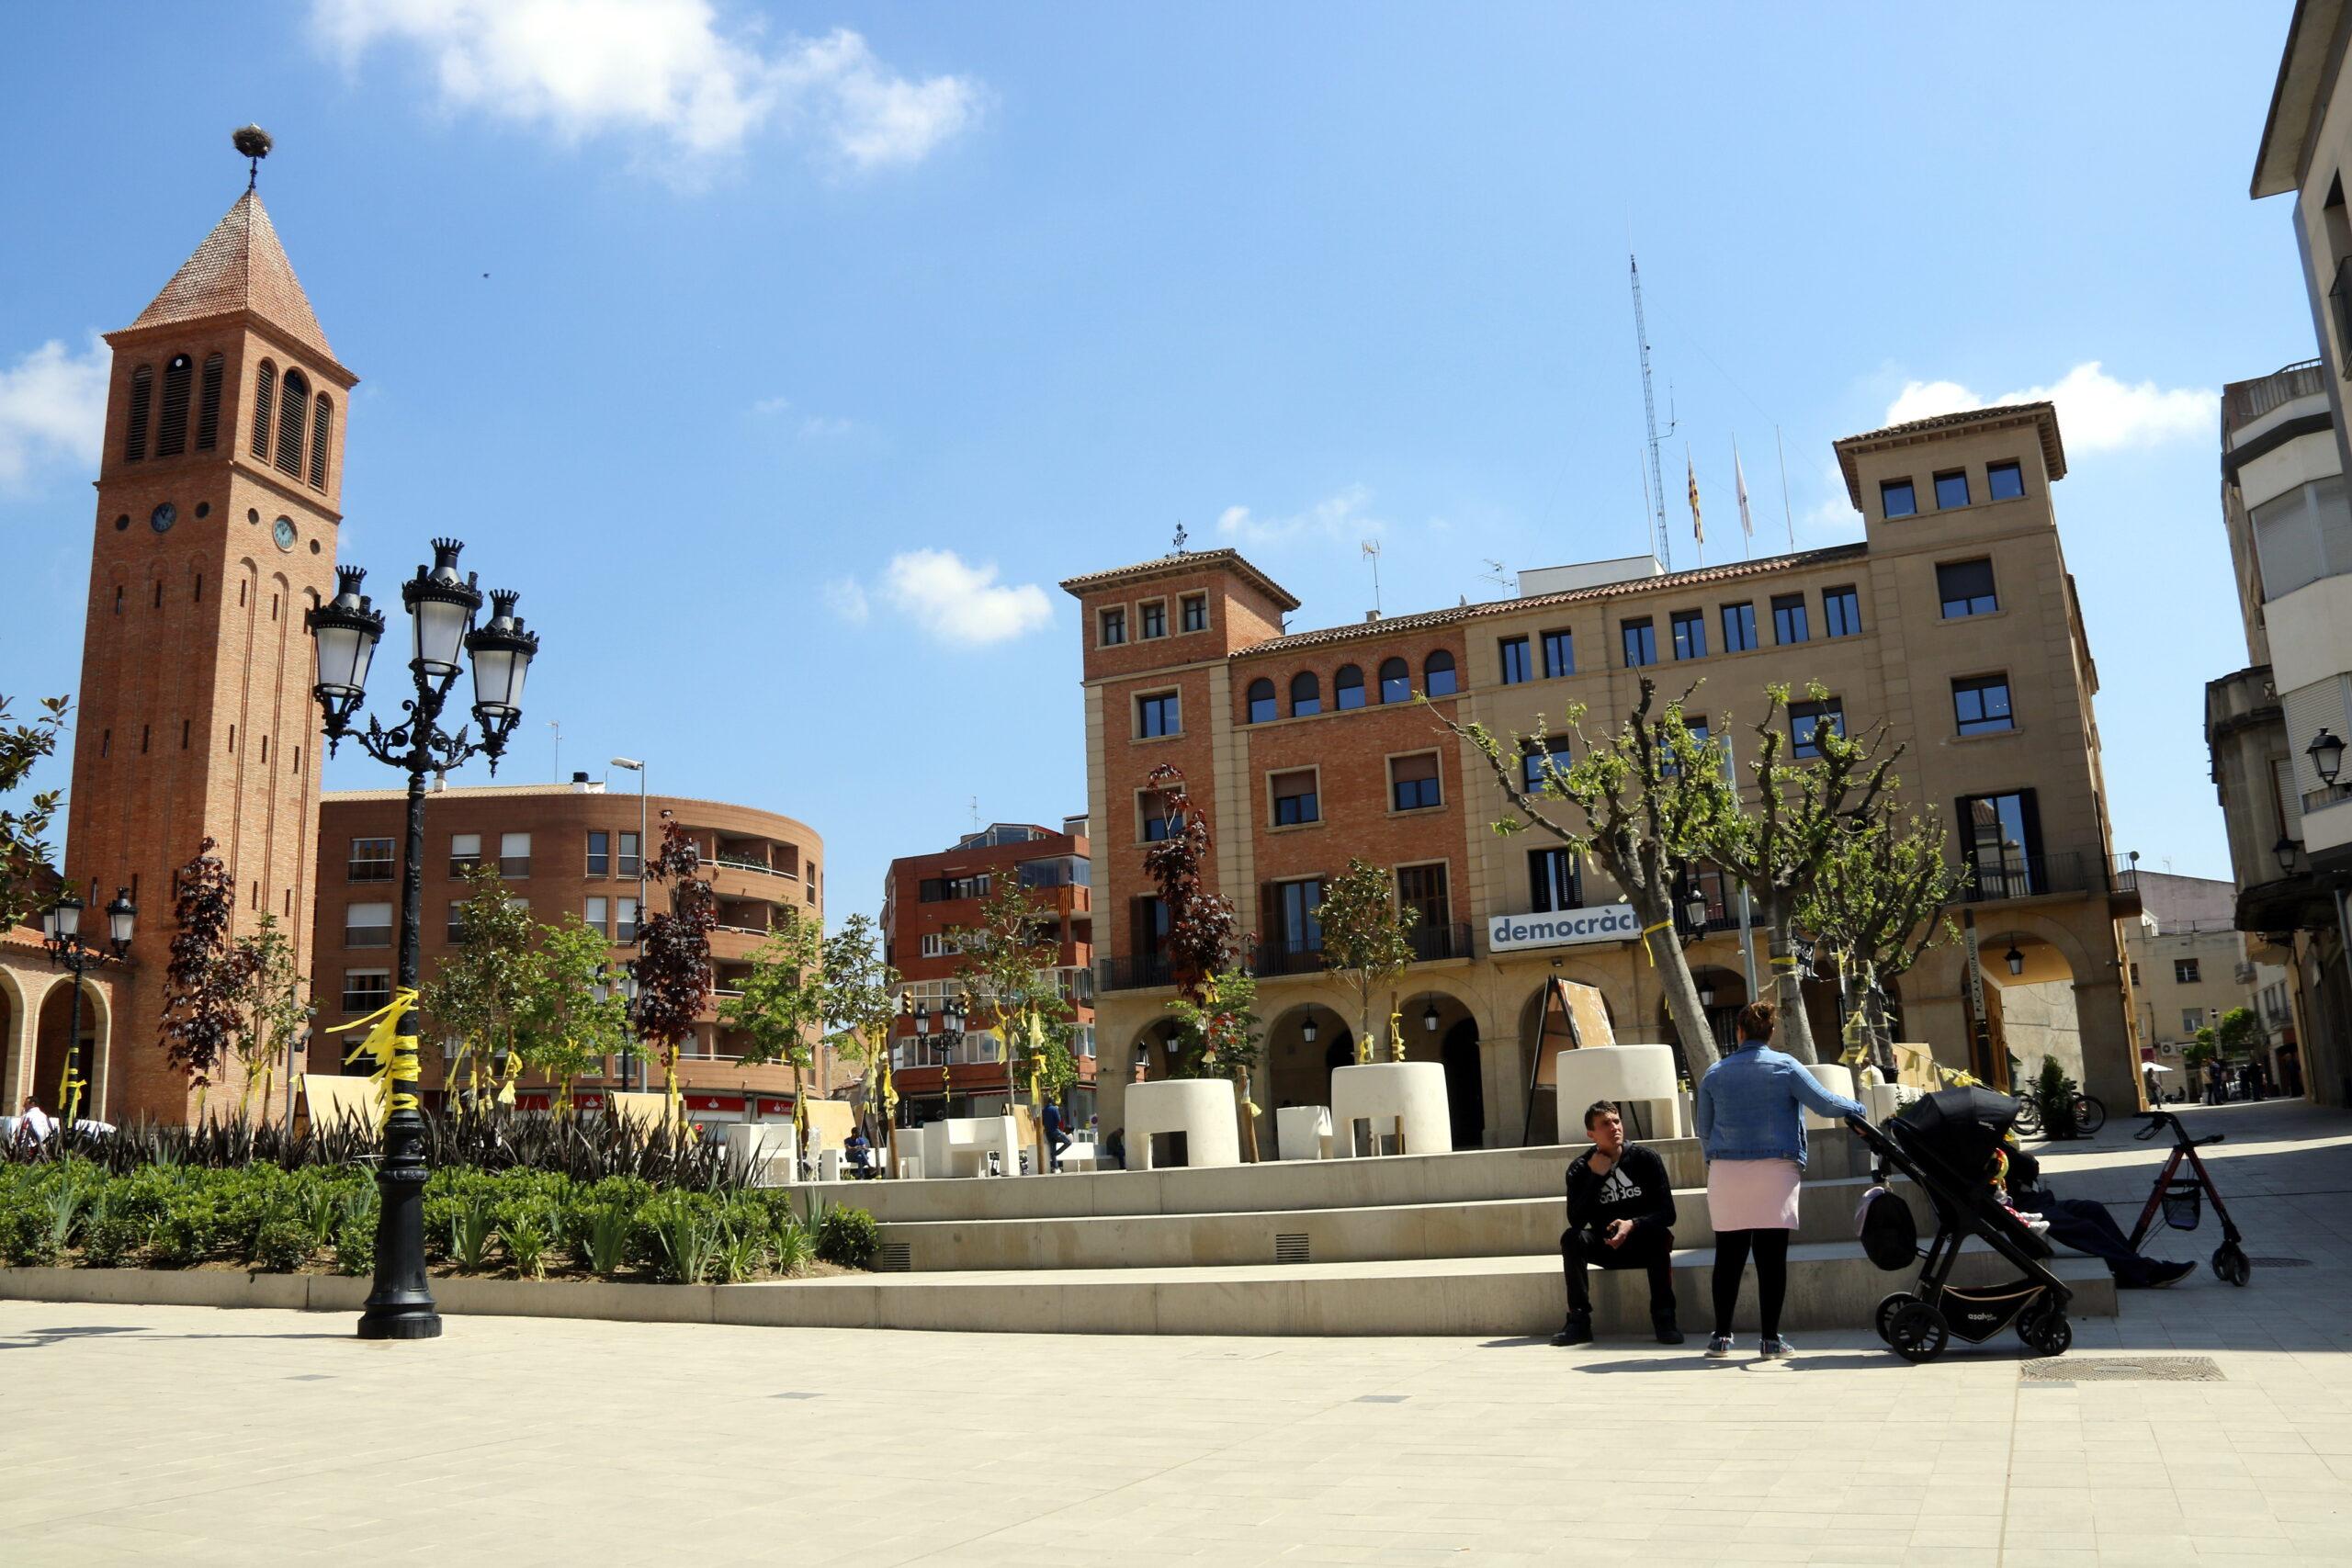 Pla general de la nova plaça de l'Ajuntament de Mollerussa amb el consistori al fons, el 30 d'abril de 2019. (Horitzontal)